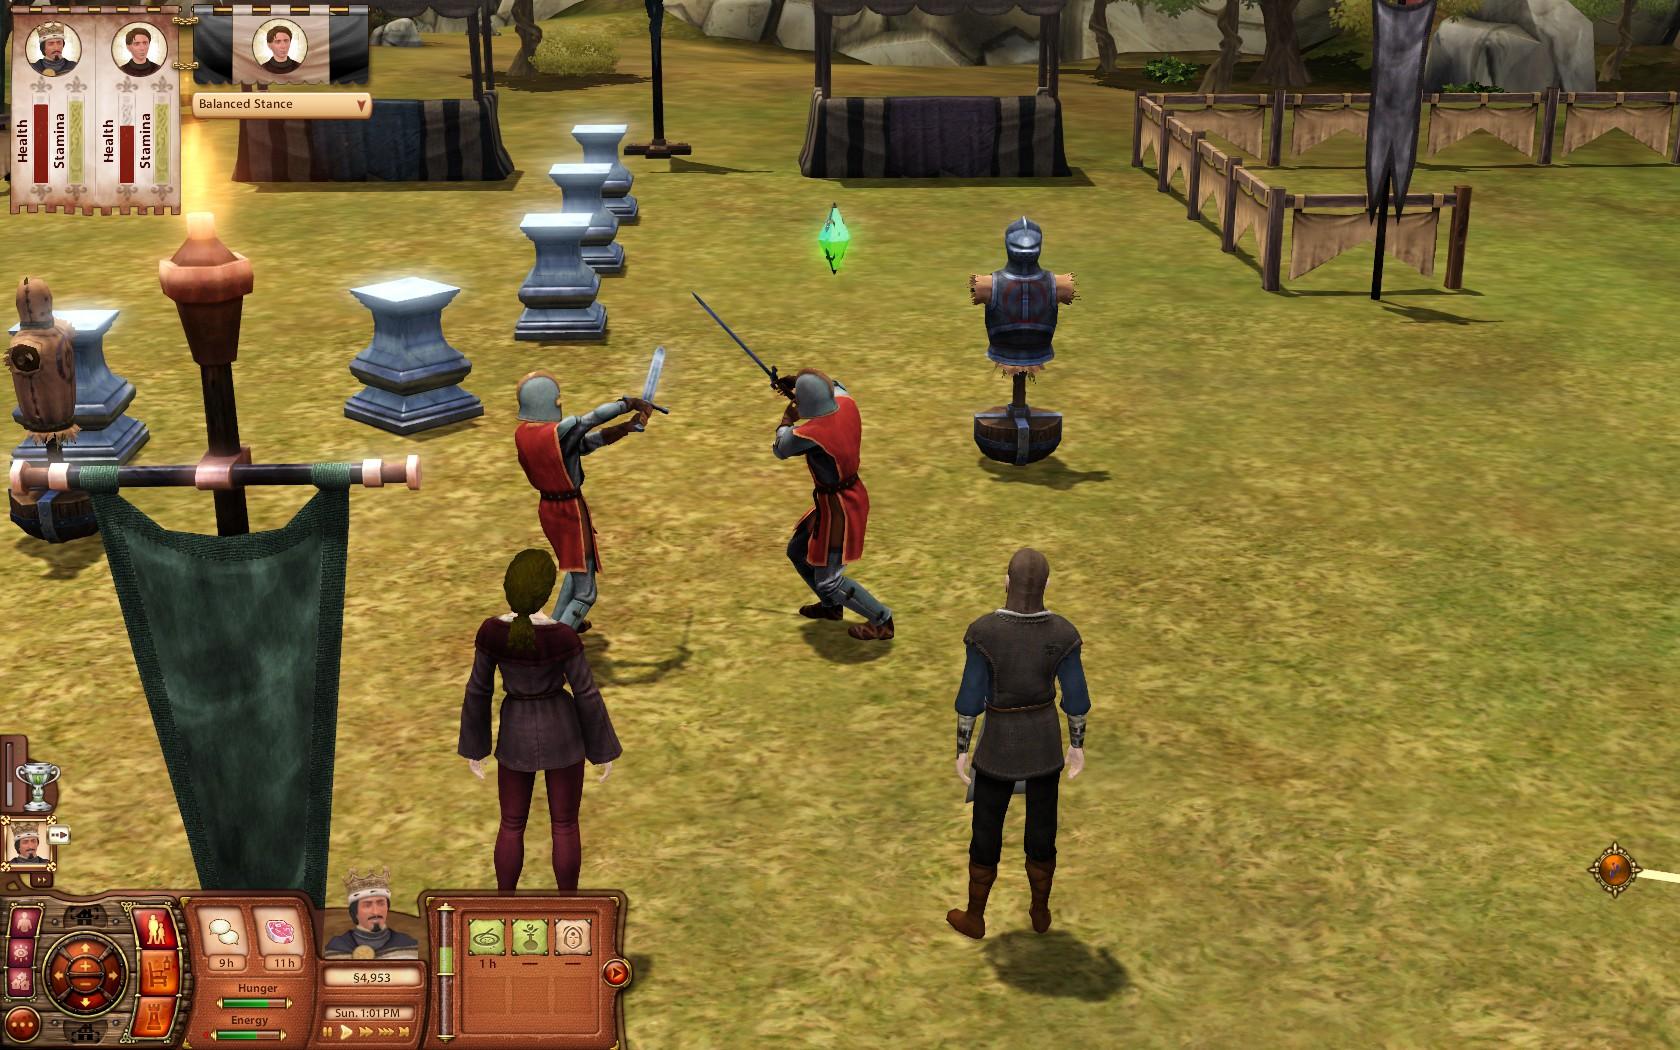 The Sims: Medieval – tak trochu jiný středověk 36248